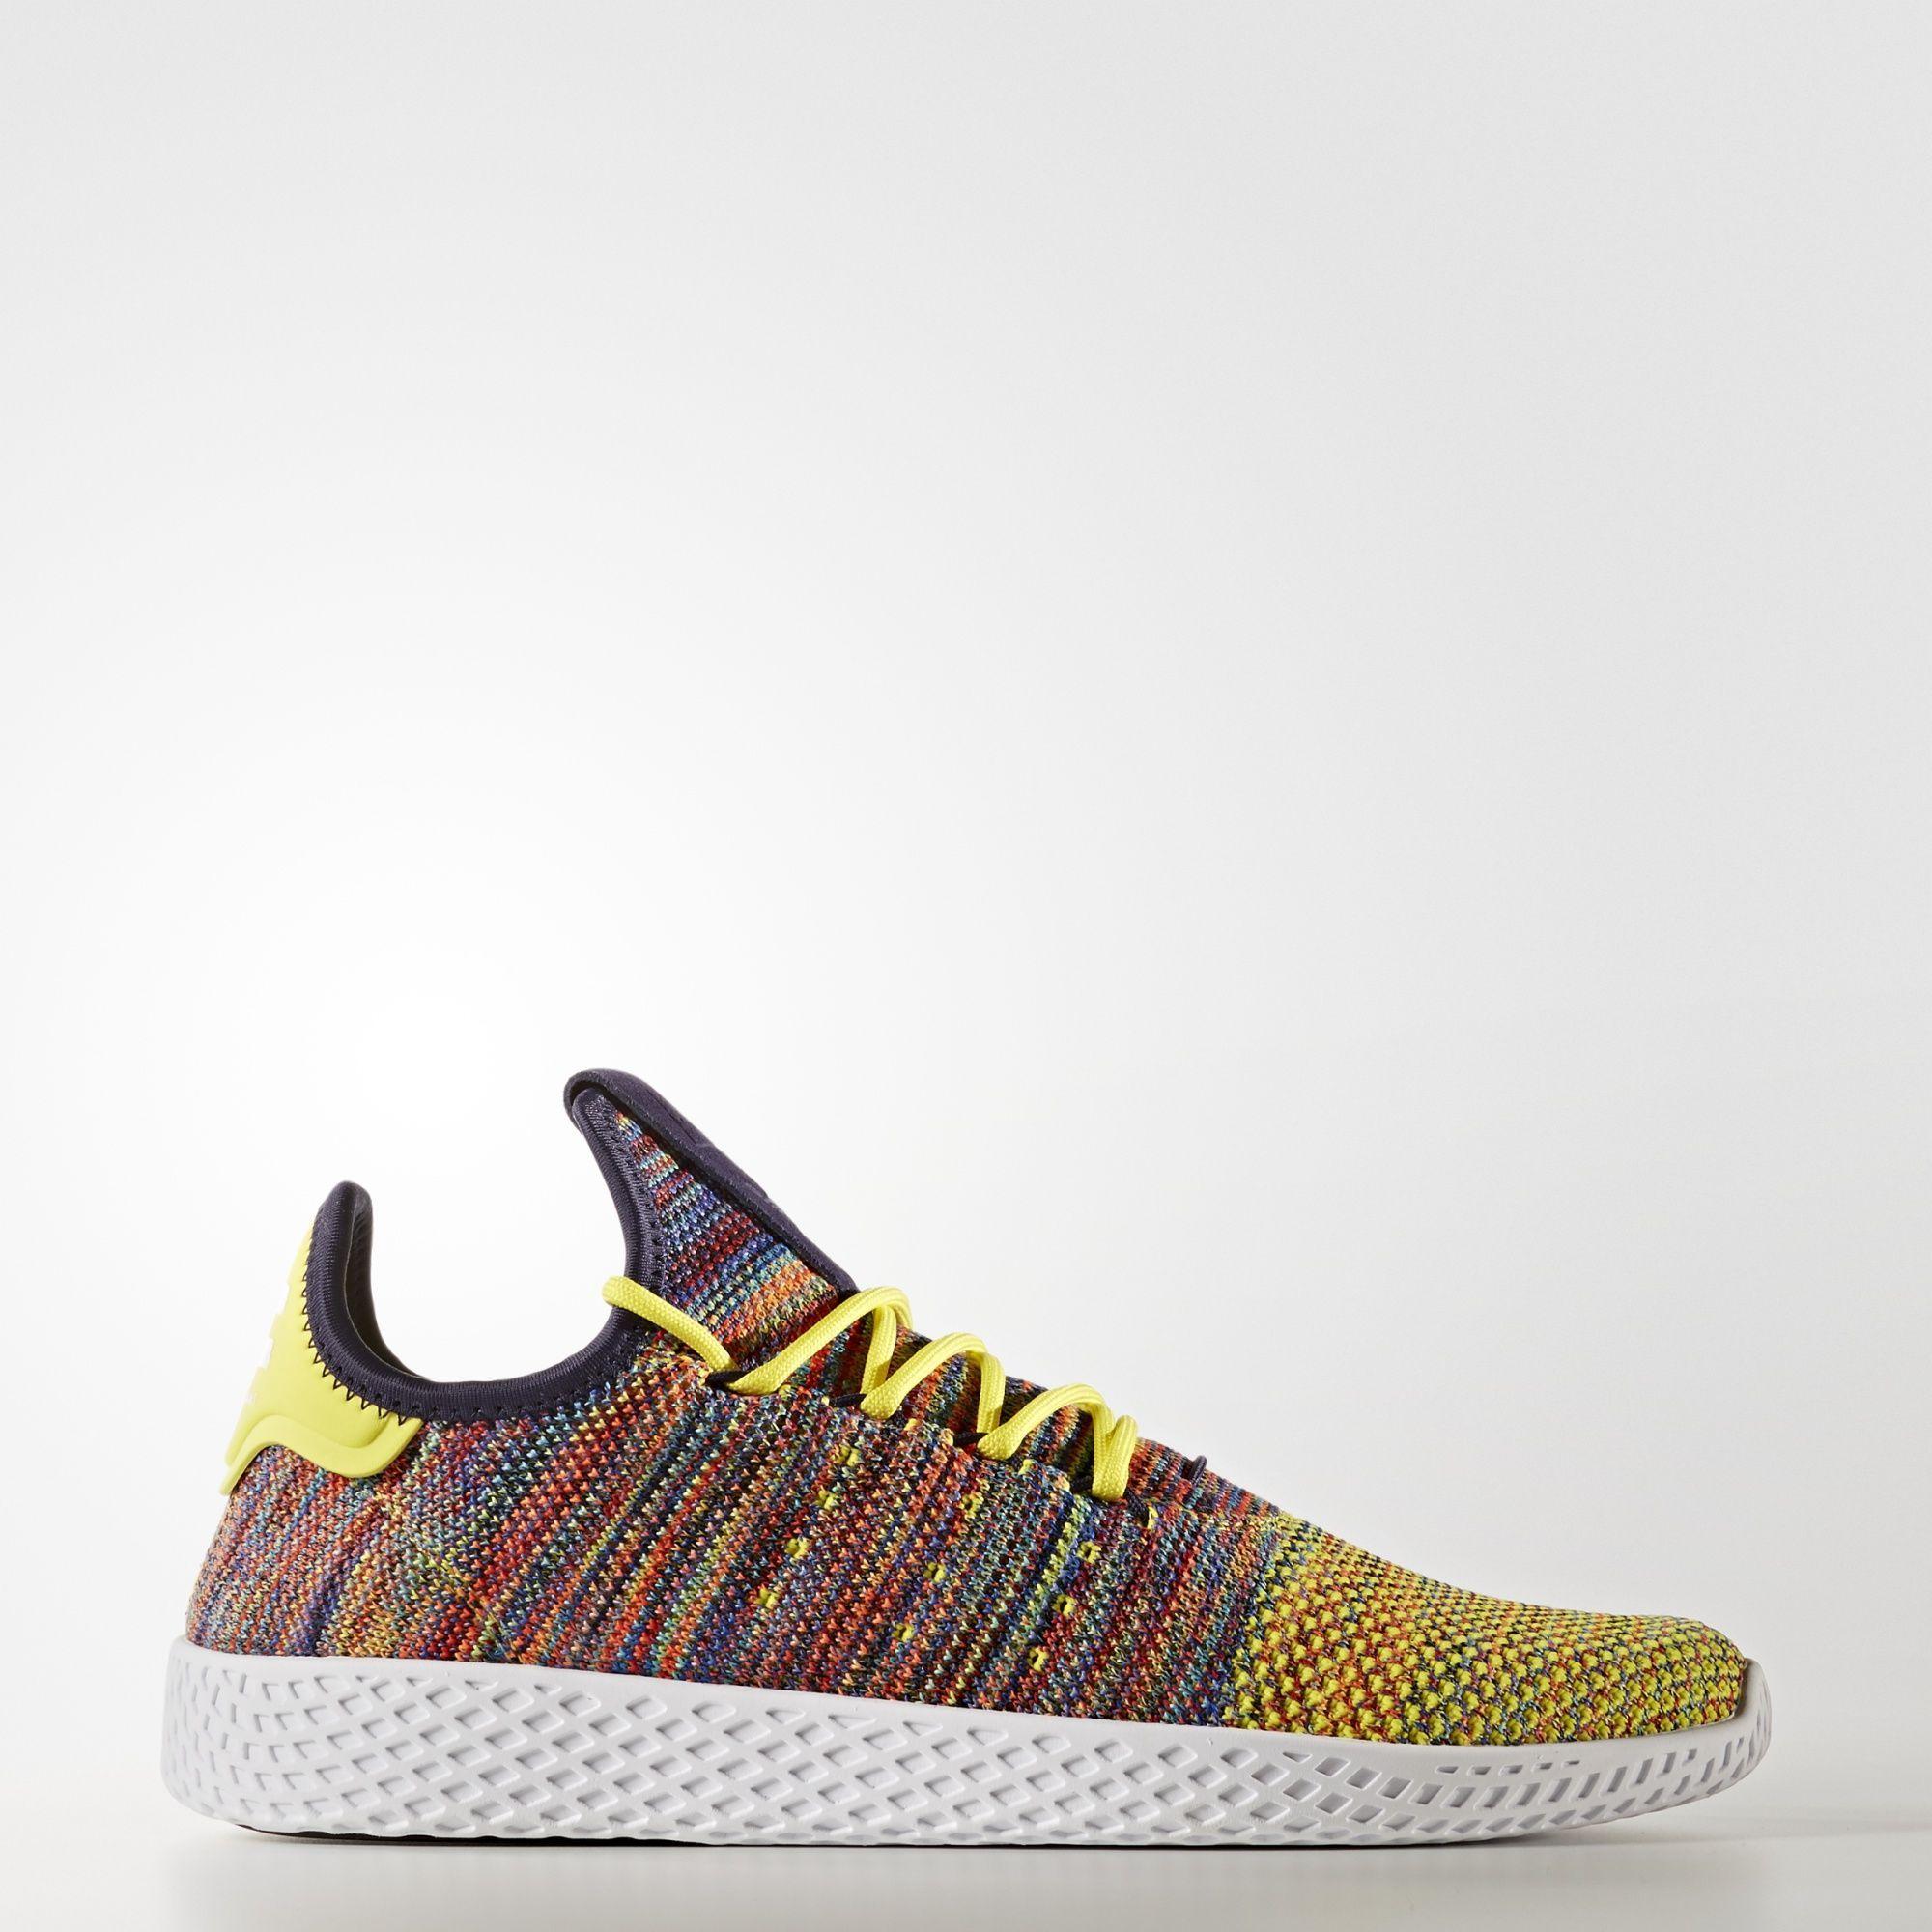 El artista y creador adidas Pharrell Williams colabora con adidas creador Originals a9b10c